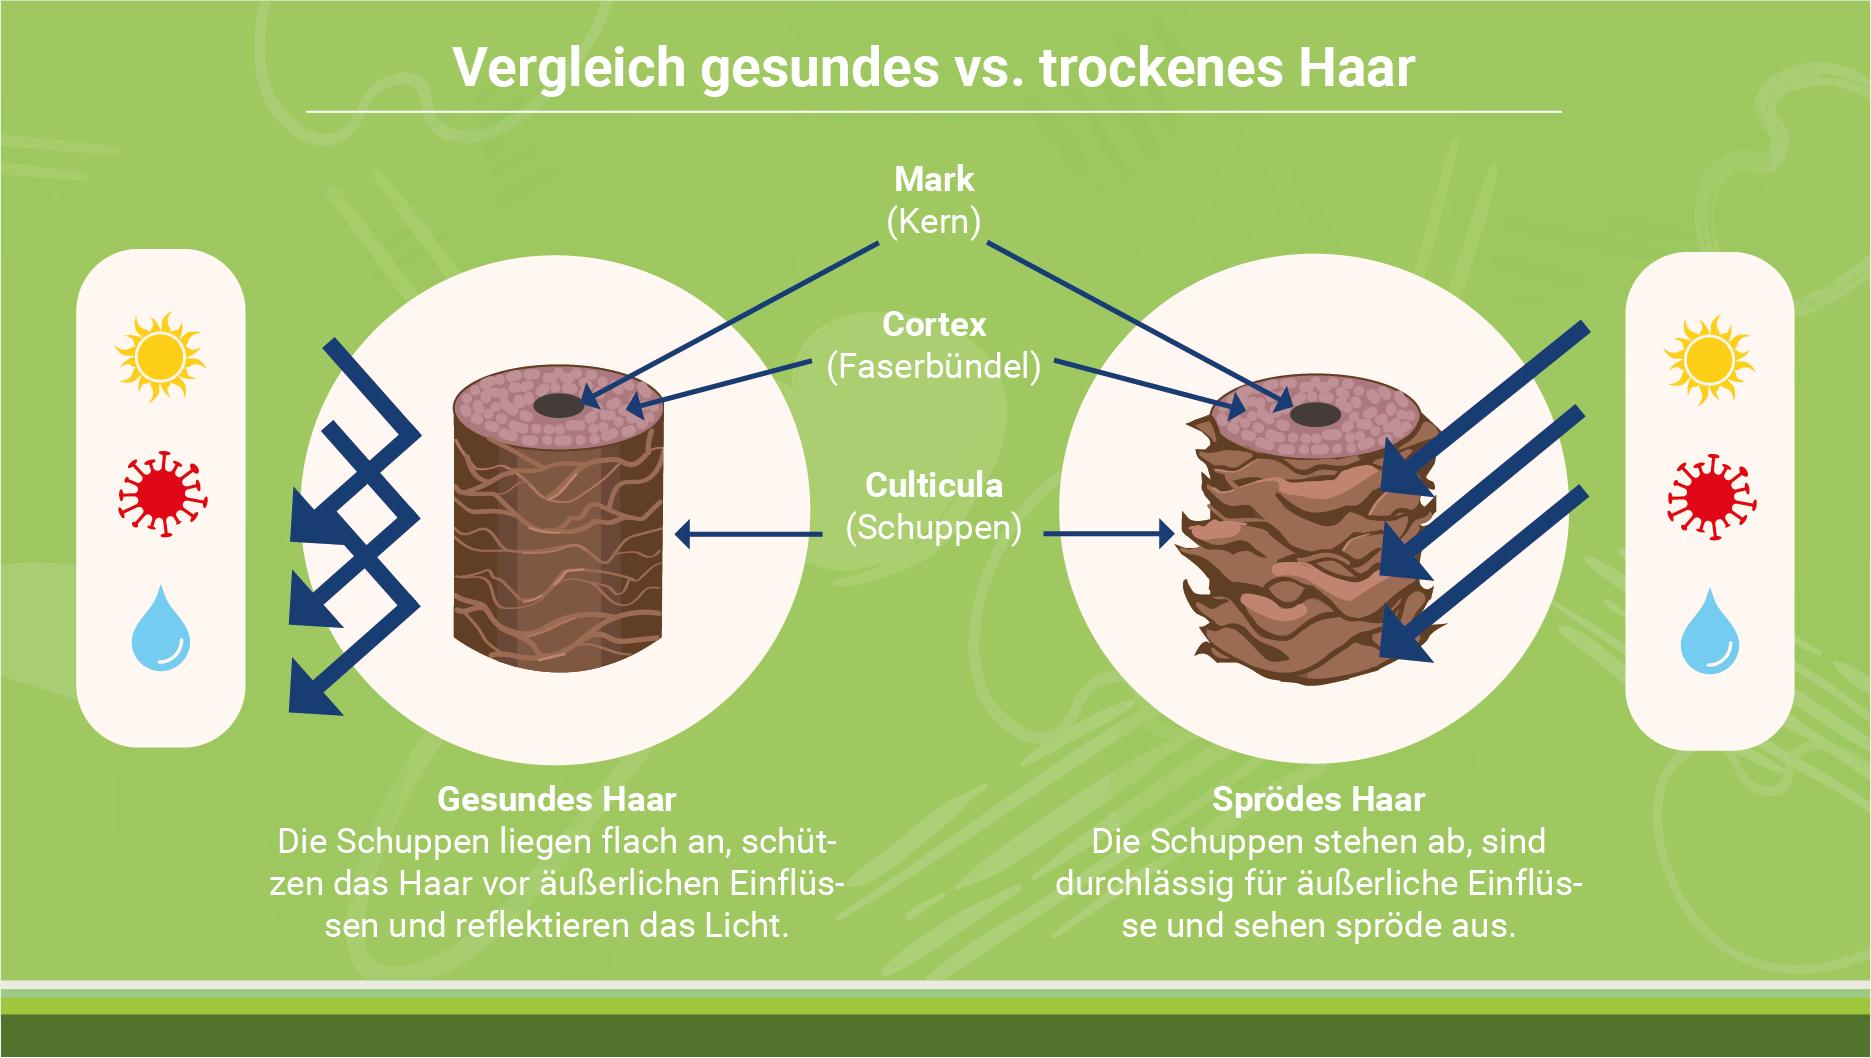 infografik-gesunde-haare-vs-trockene-haare